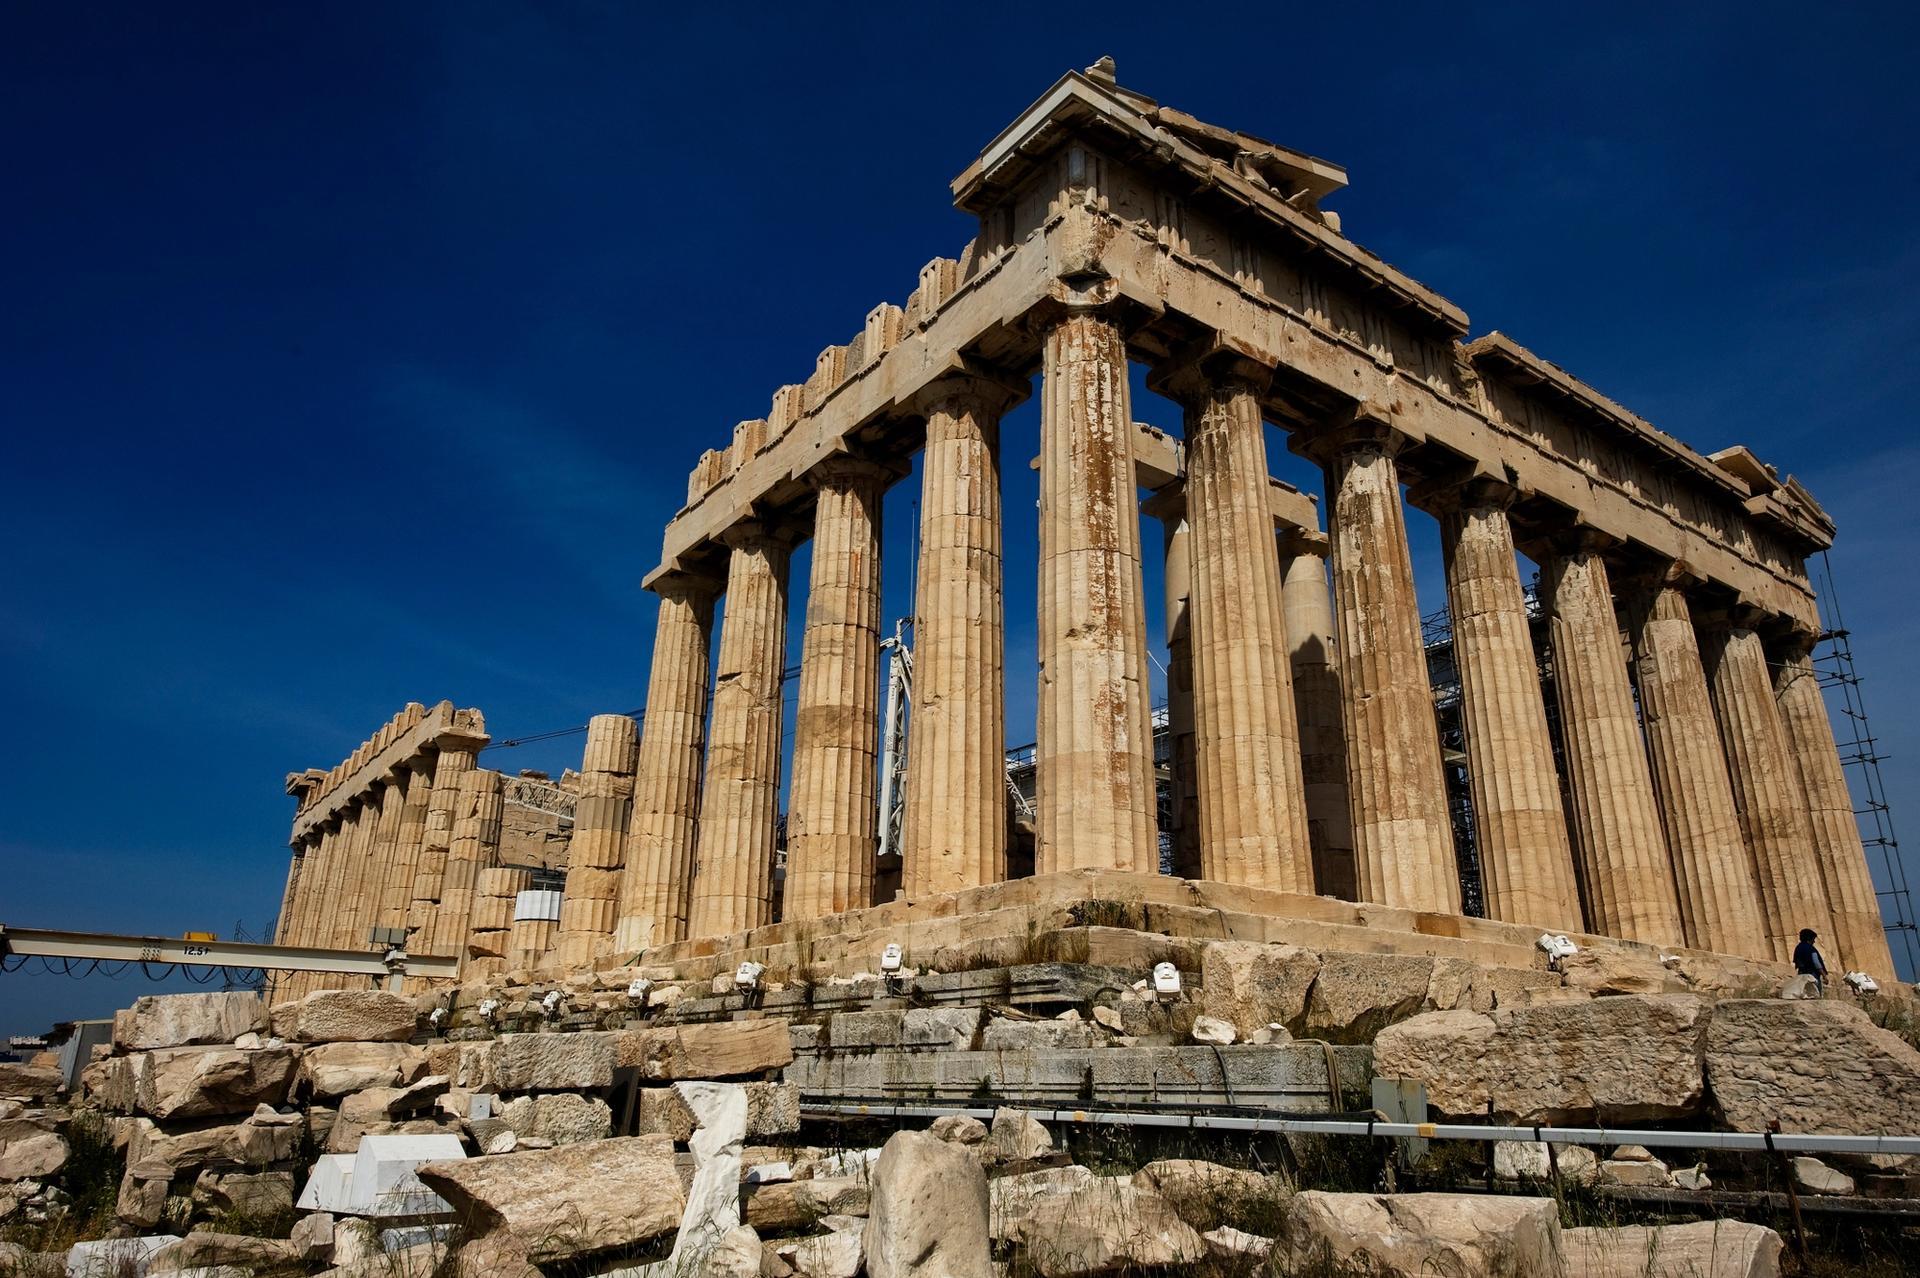 The Parthenon in Athens Photo: Andrew Baldwin